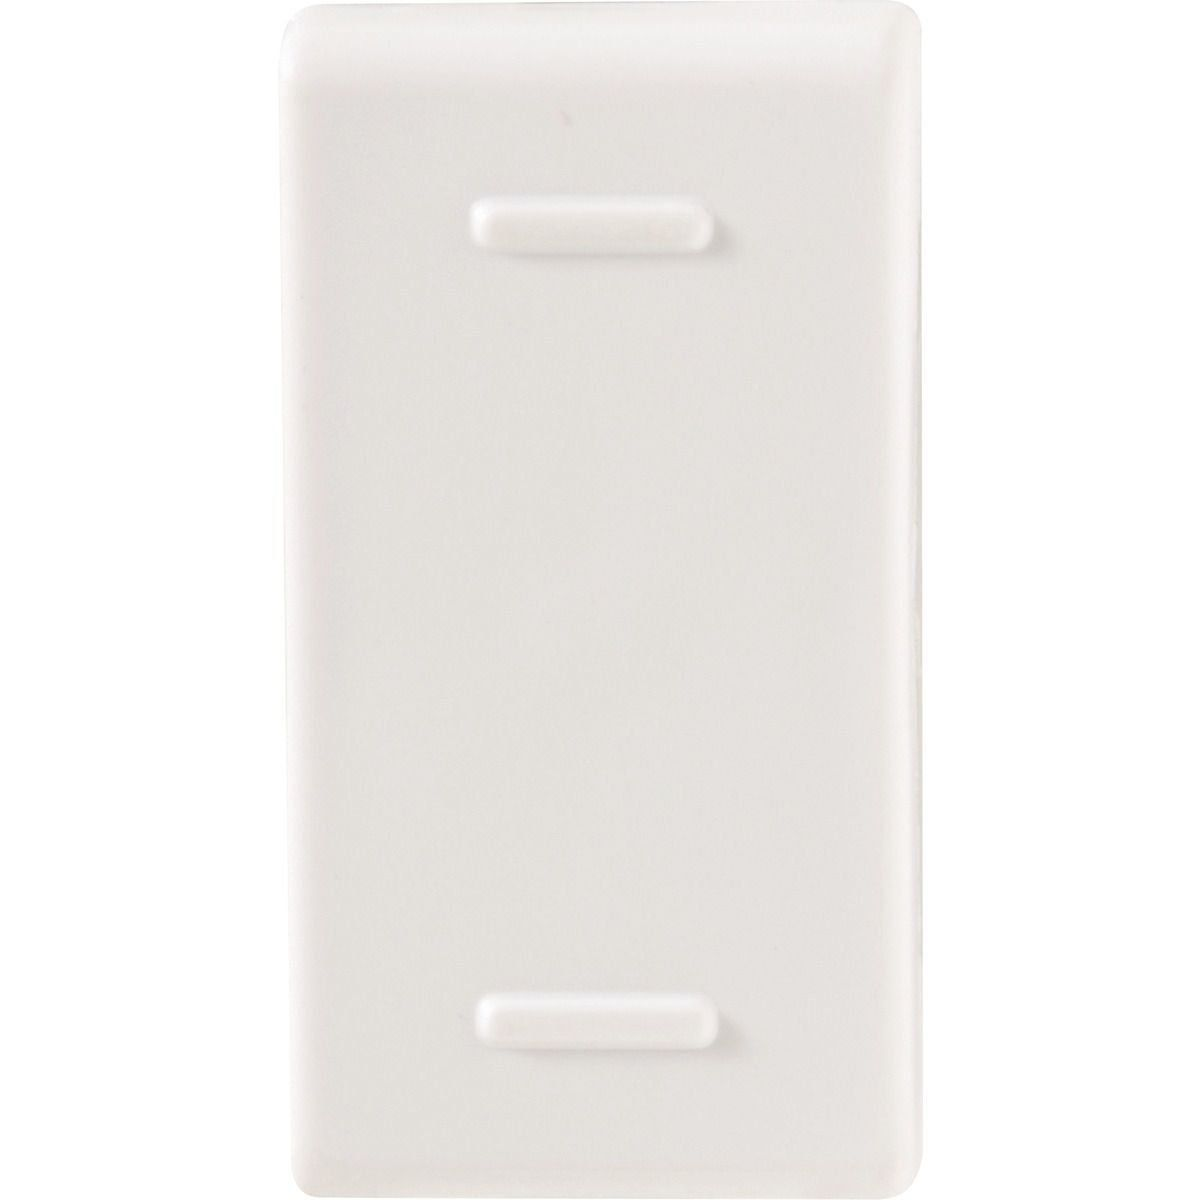 Interruptor Par 10A/250V 57115/002 Tramontina